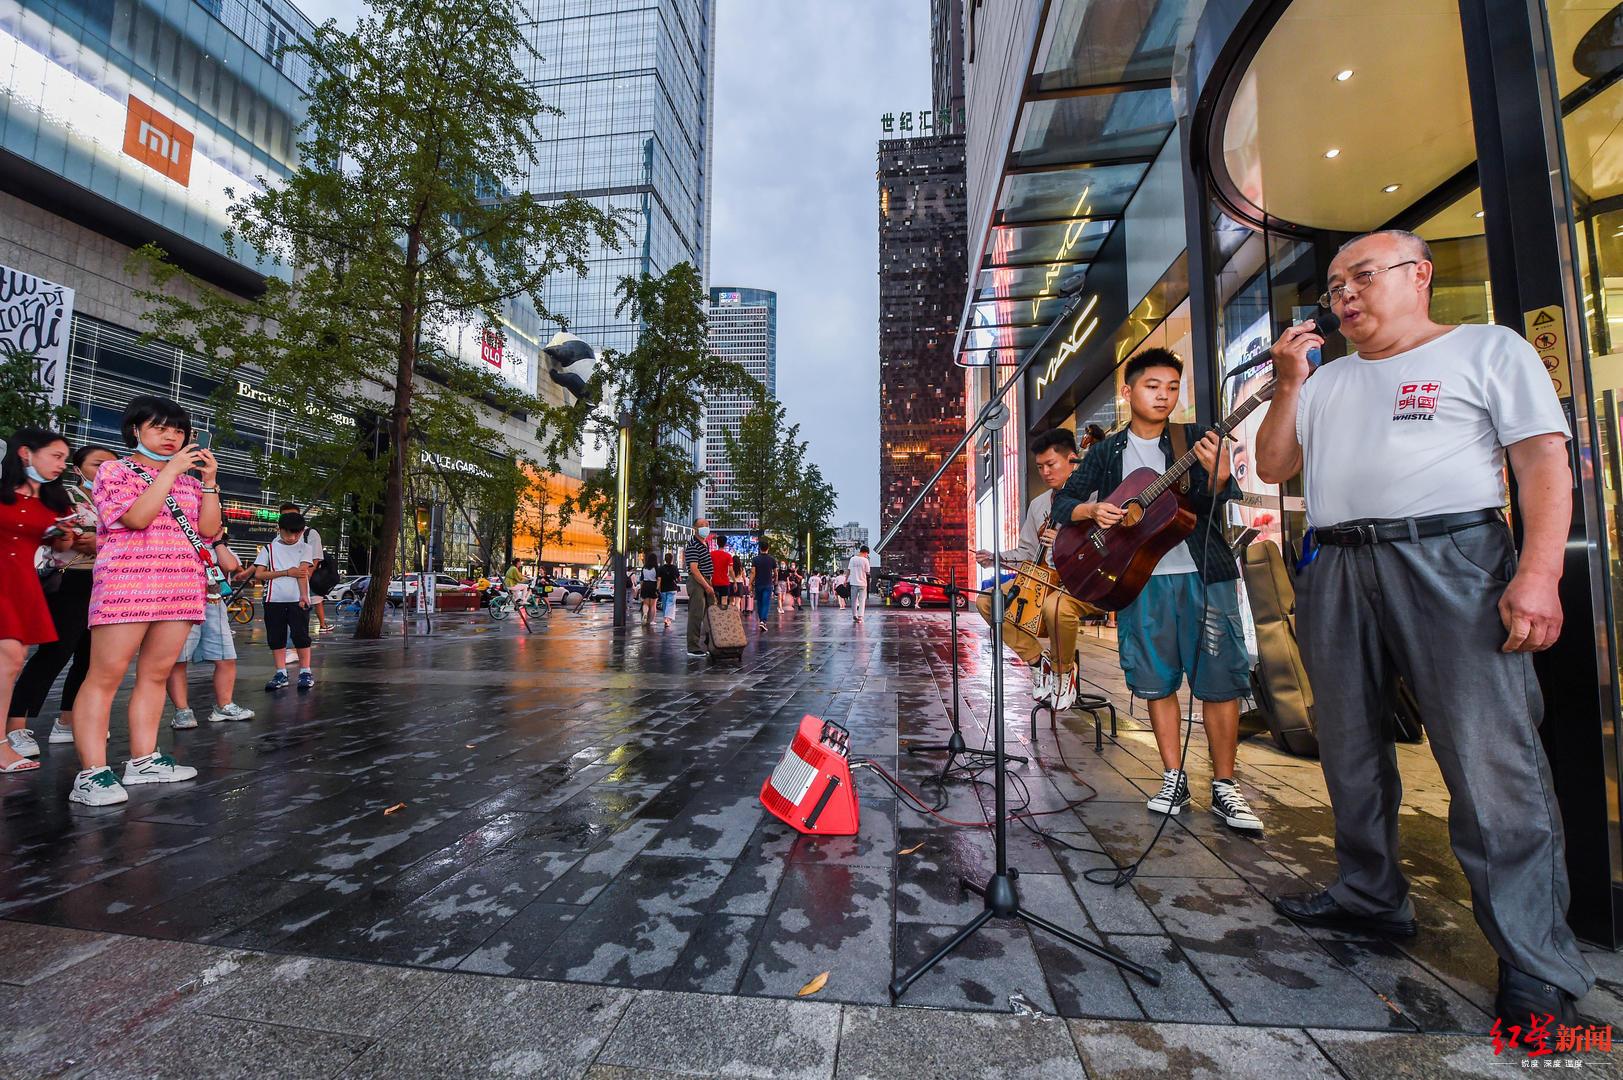 真能吹!蓉城有善口哨者:玩乐队、搞路演,能吹400多首歌!